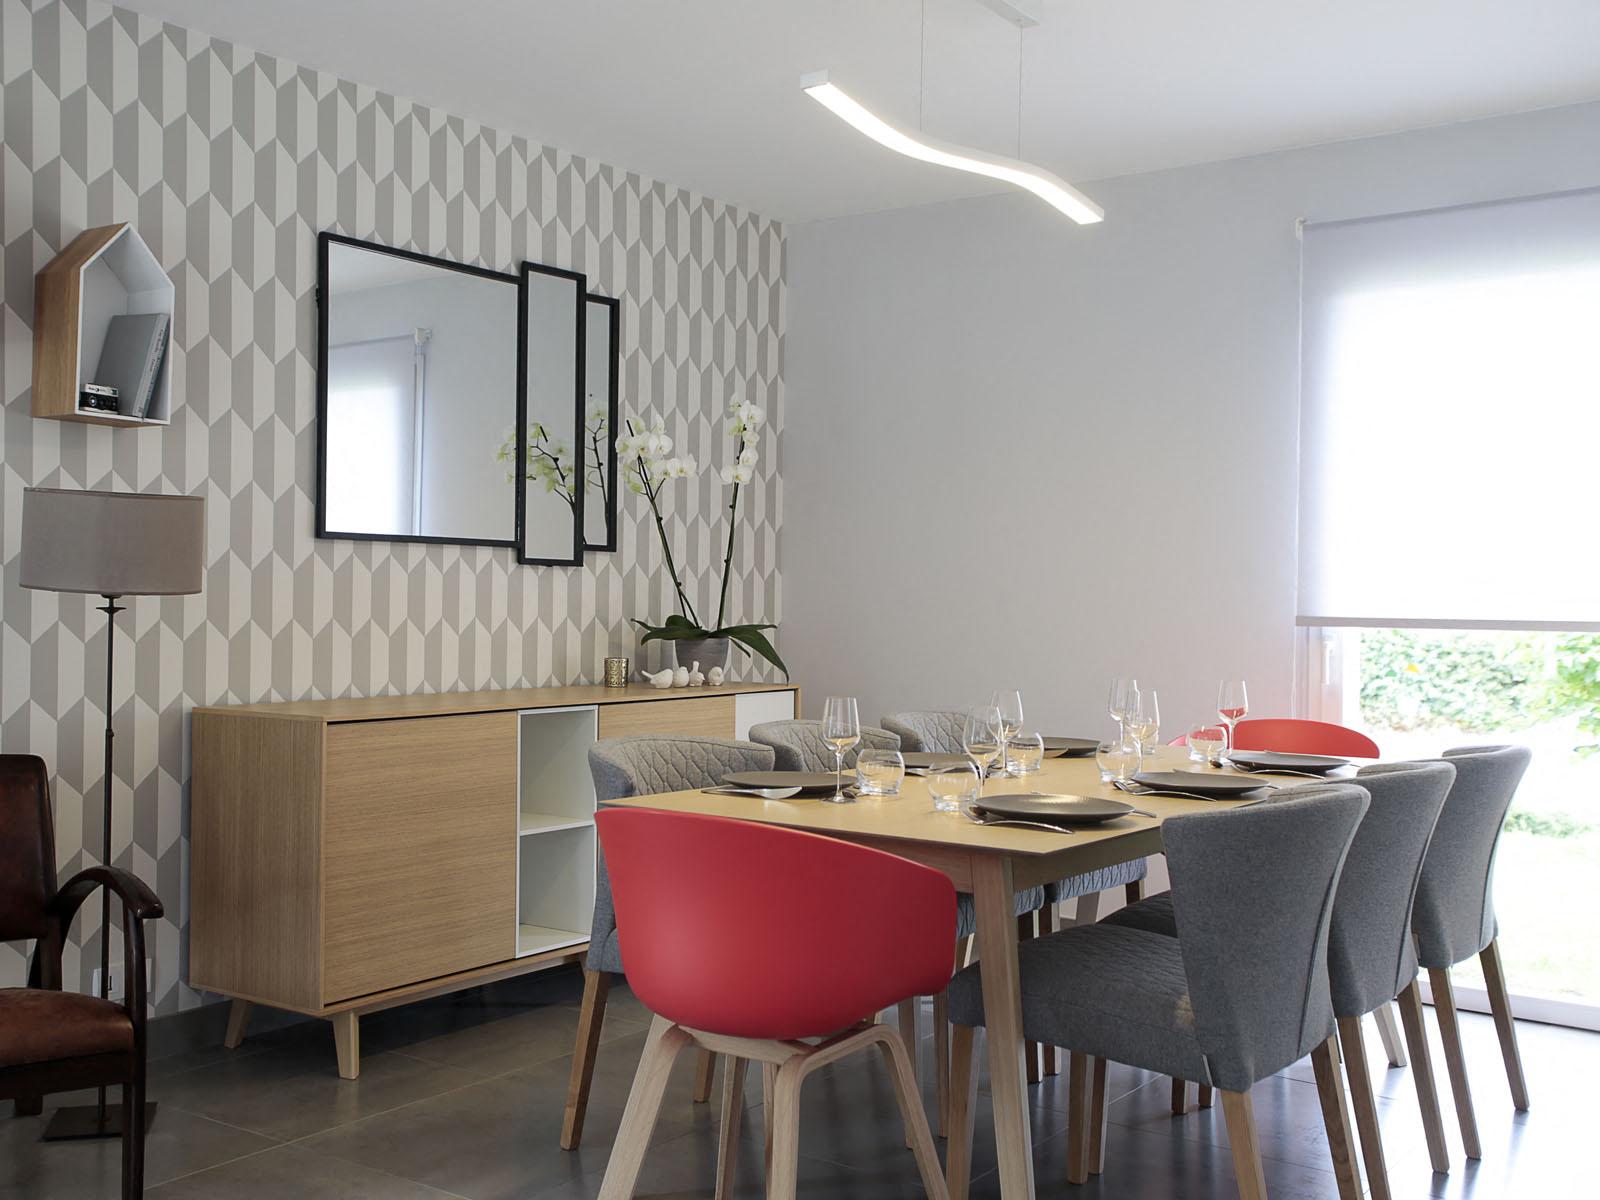 decoration salle a manger scandinave unique meuble salle a manger design collection de salle a. Black Bedroom Furniture Sets. Home Design Ideas